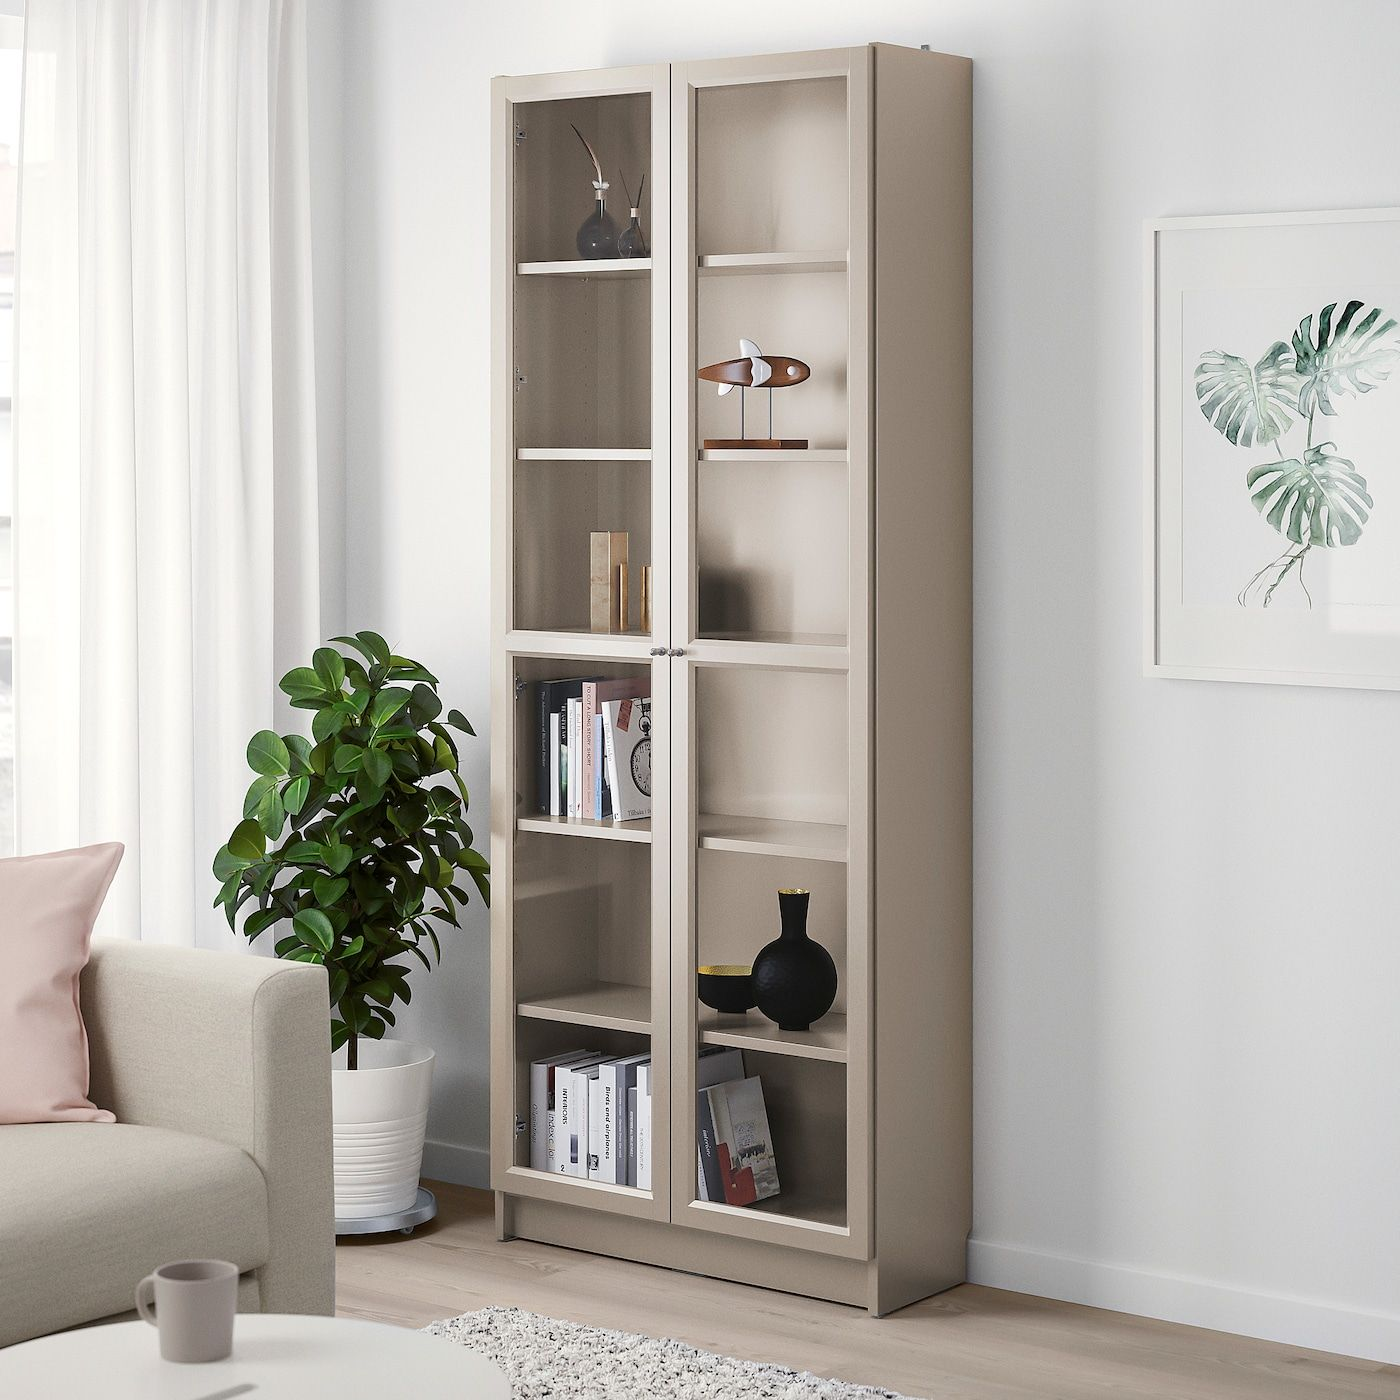 Billy Bucherregal Mit Glasturen Grau Metalleffekt Ikea Osterreich In 2020 Bookcase With Glass Doors Billy Bookcase With Doors Billy Bookcase